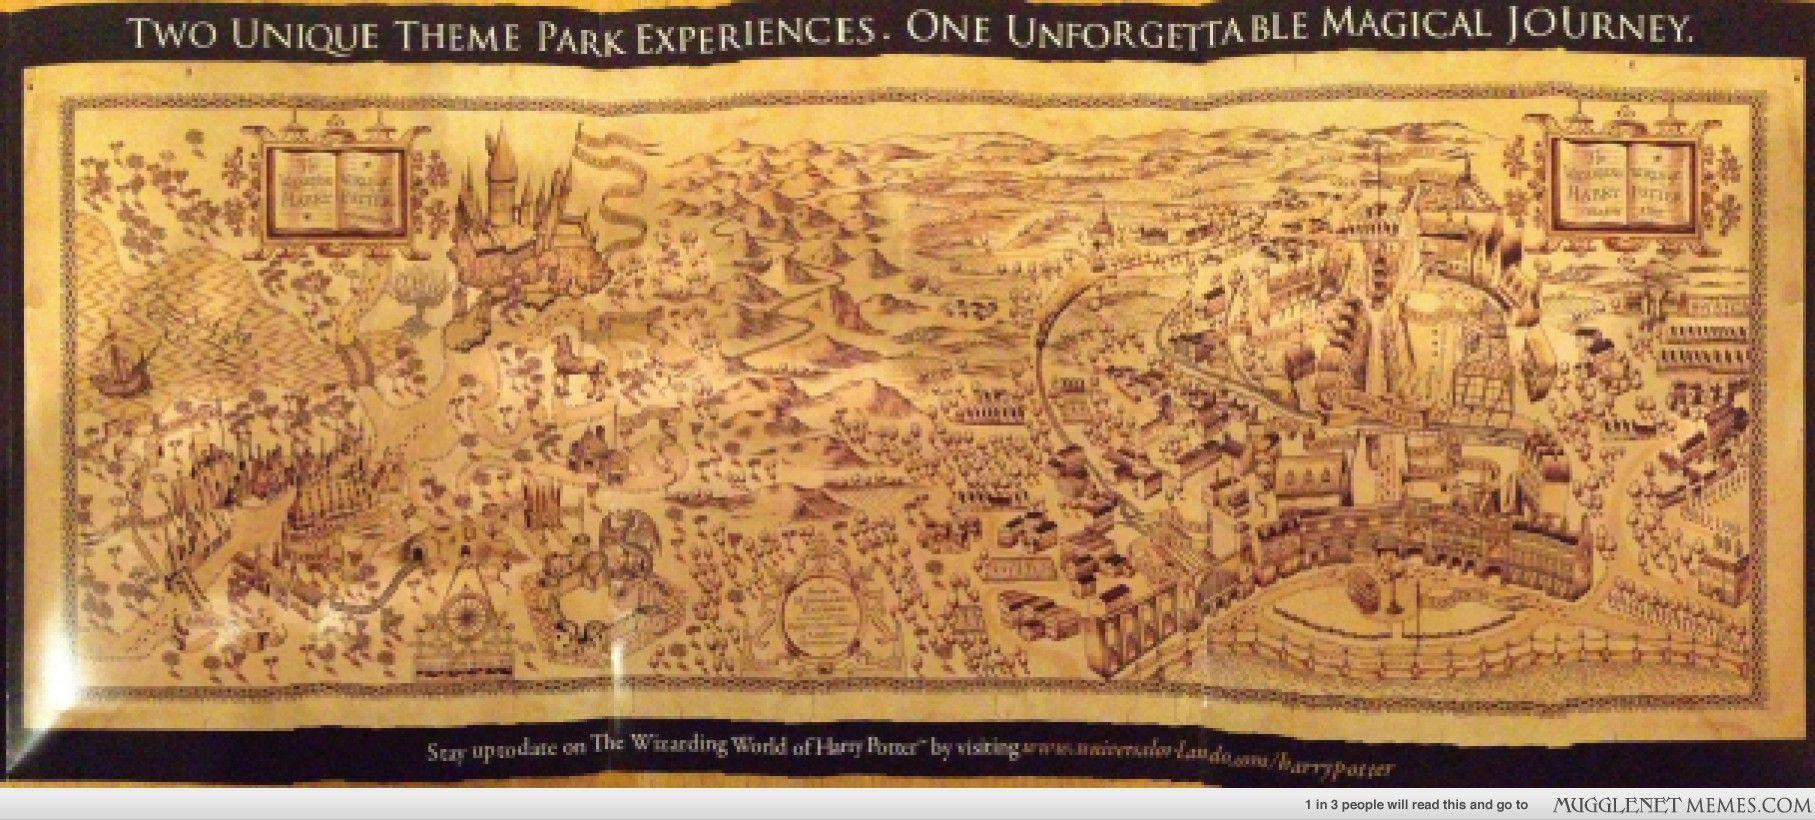 Great Wallpaper Harry Potter Map - 9626c884c741083153dfa342ec1b1d61  Graphic_485685.jpg